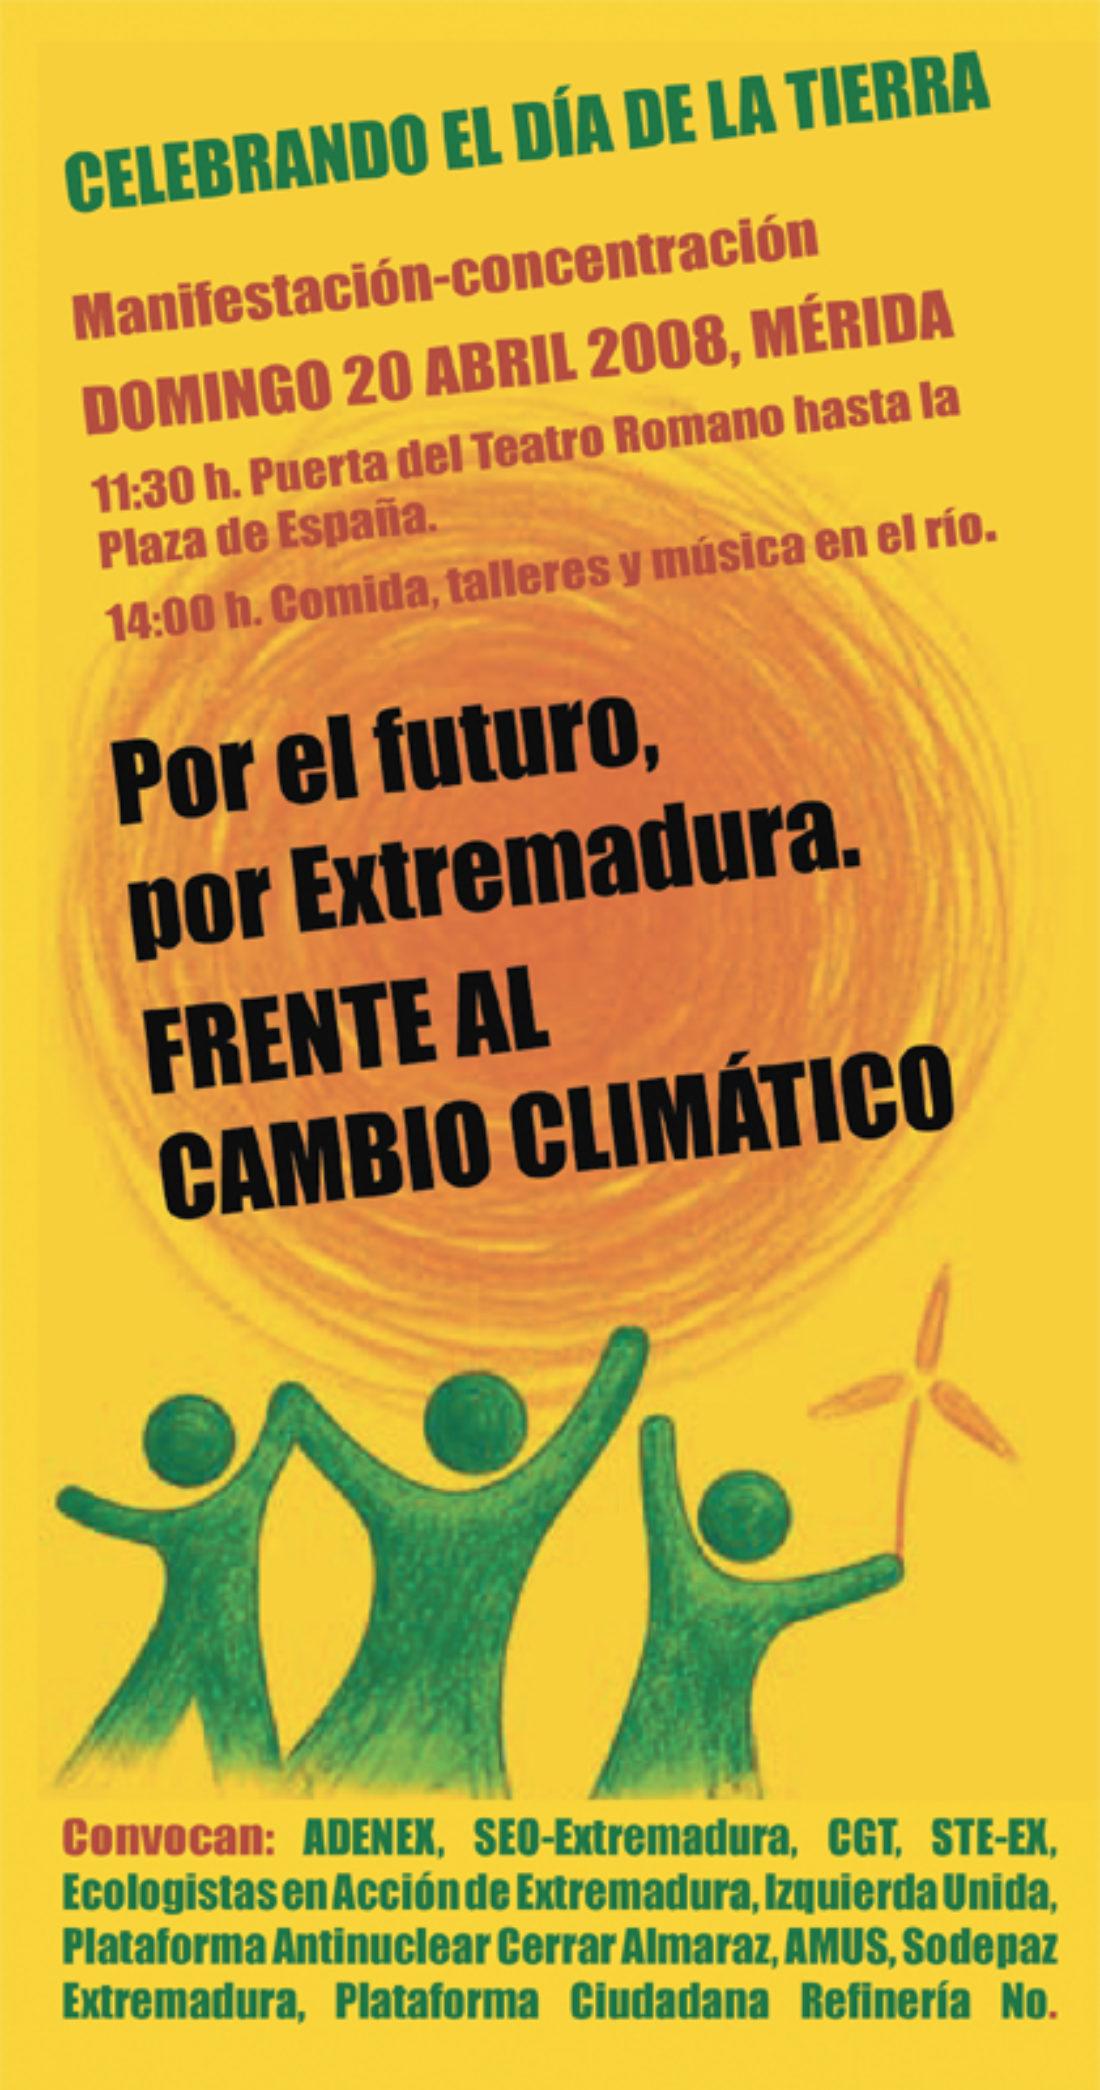 Mérida: 20 abril 2008, Día de la Tierra